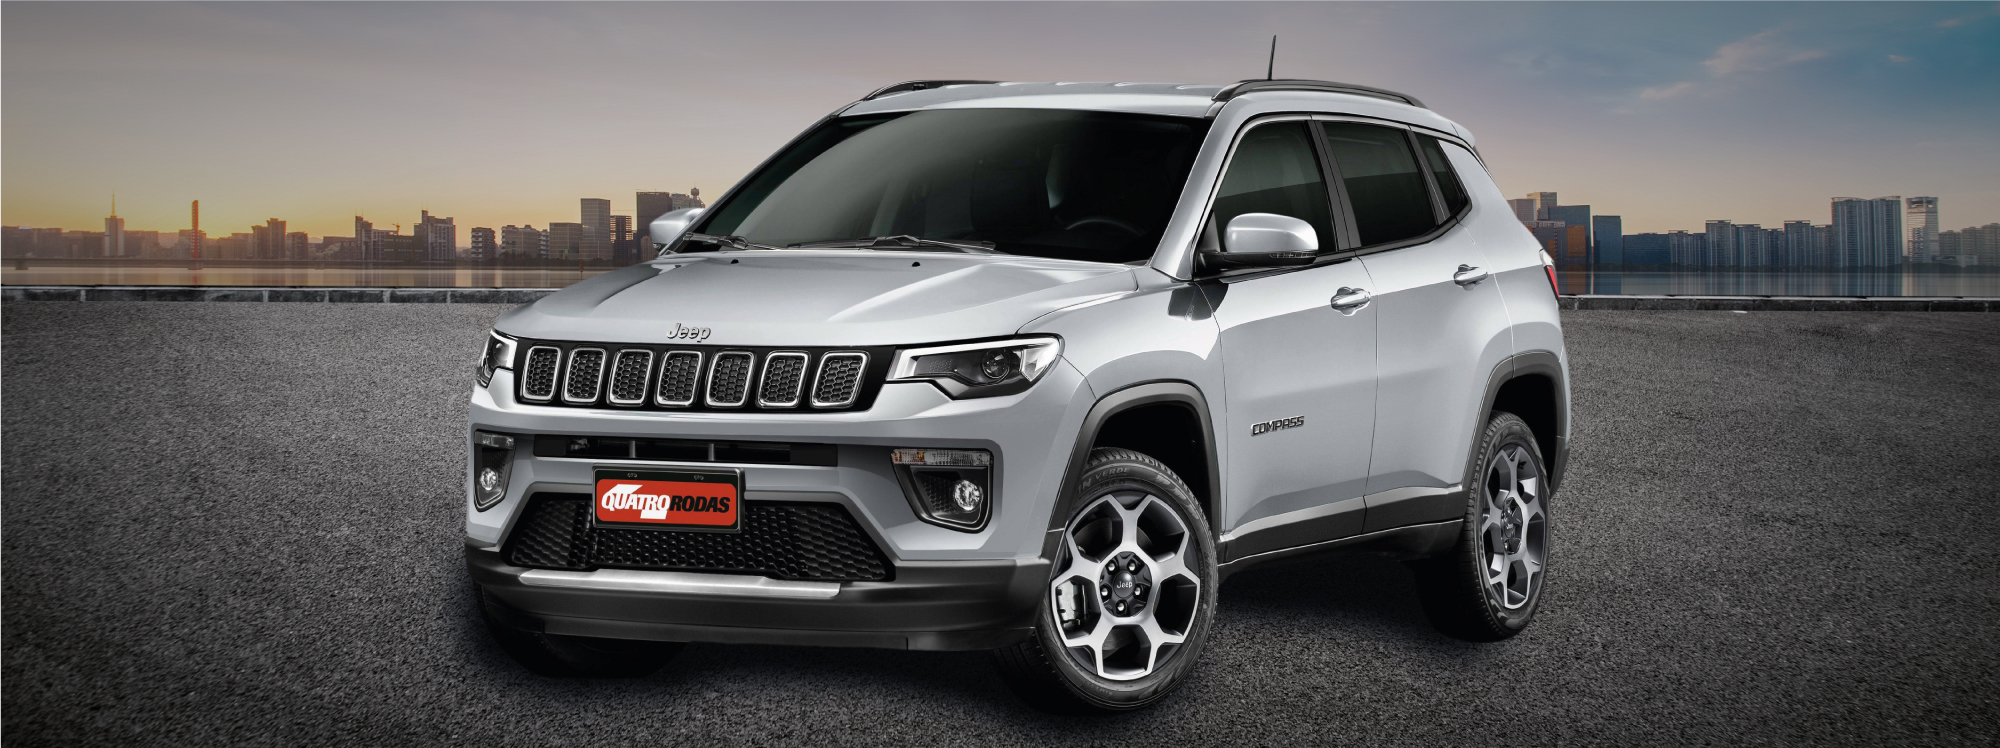 El nuevo Jeep Compass 2021 incorporaría motor turbo